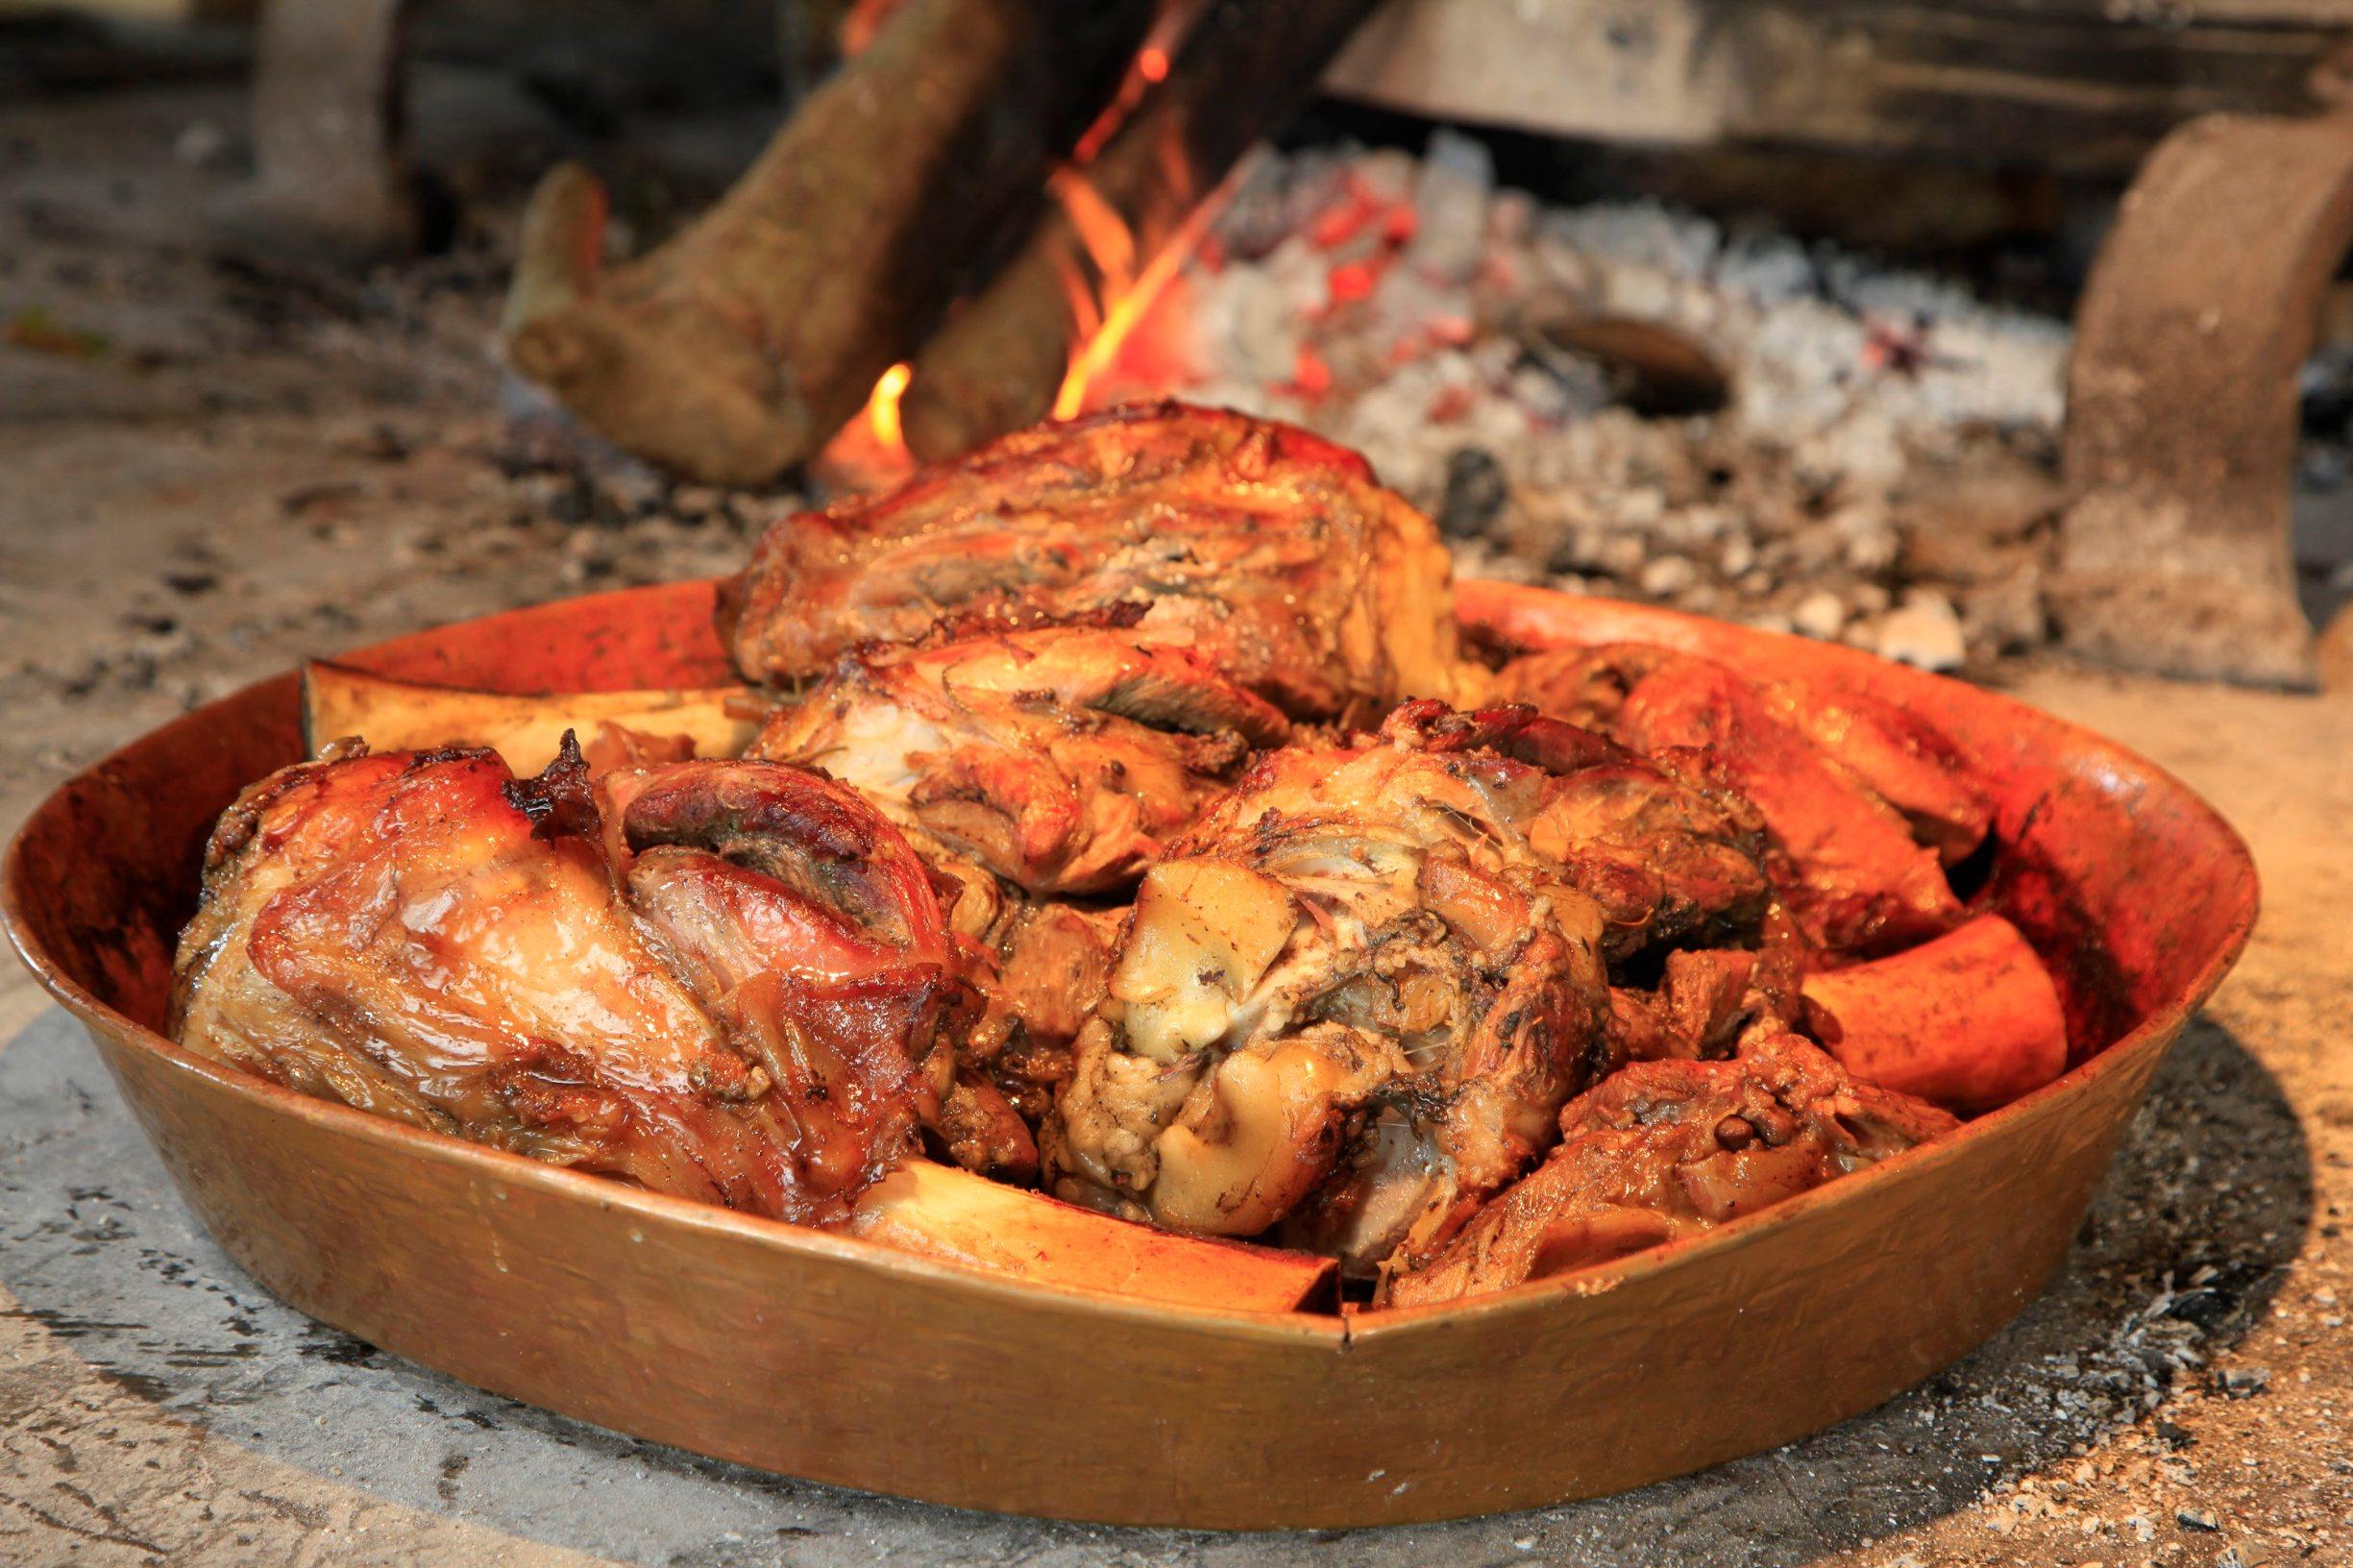 Valbandon kraj Pule, 151015. Restoran Beccaccia u Valbandonu u vlasnistvu obitelji Radolovic. Na fotografiji: koljenica pod pekom. Foto: Goran Sebelic / CROPIX